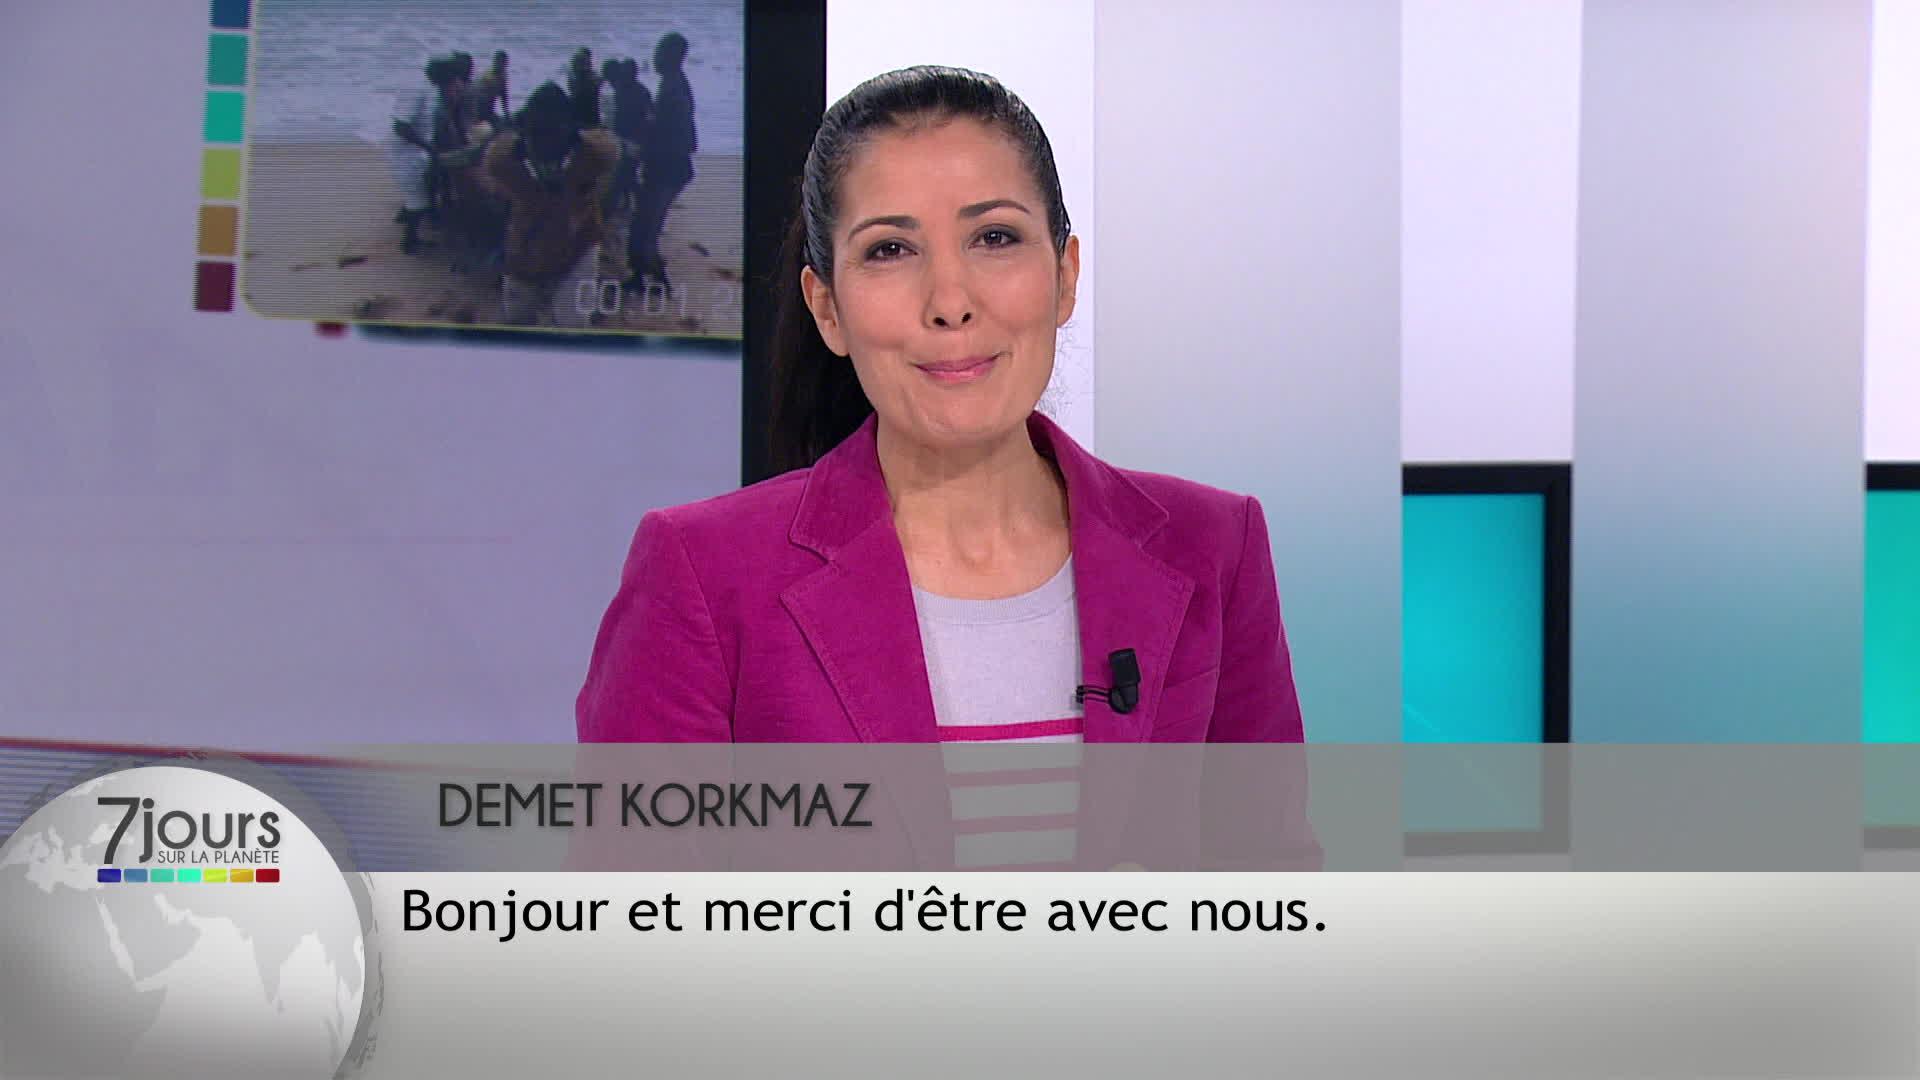 Fillon / Salon de l'agriculture / Heure actuelle / Mossoul...